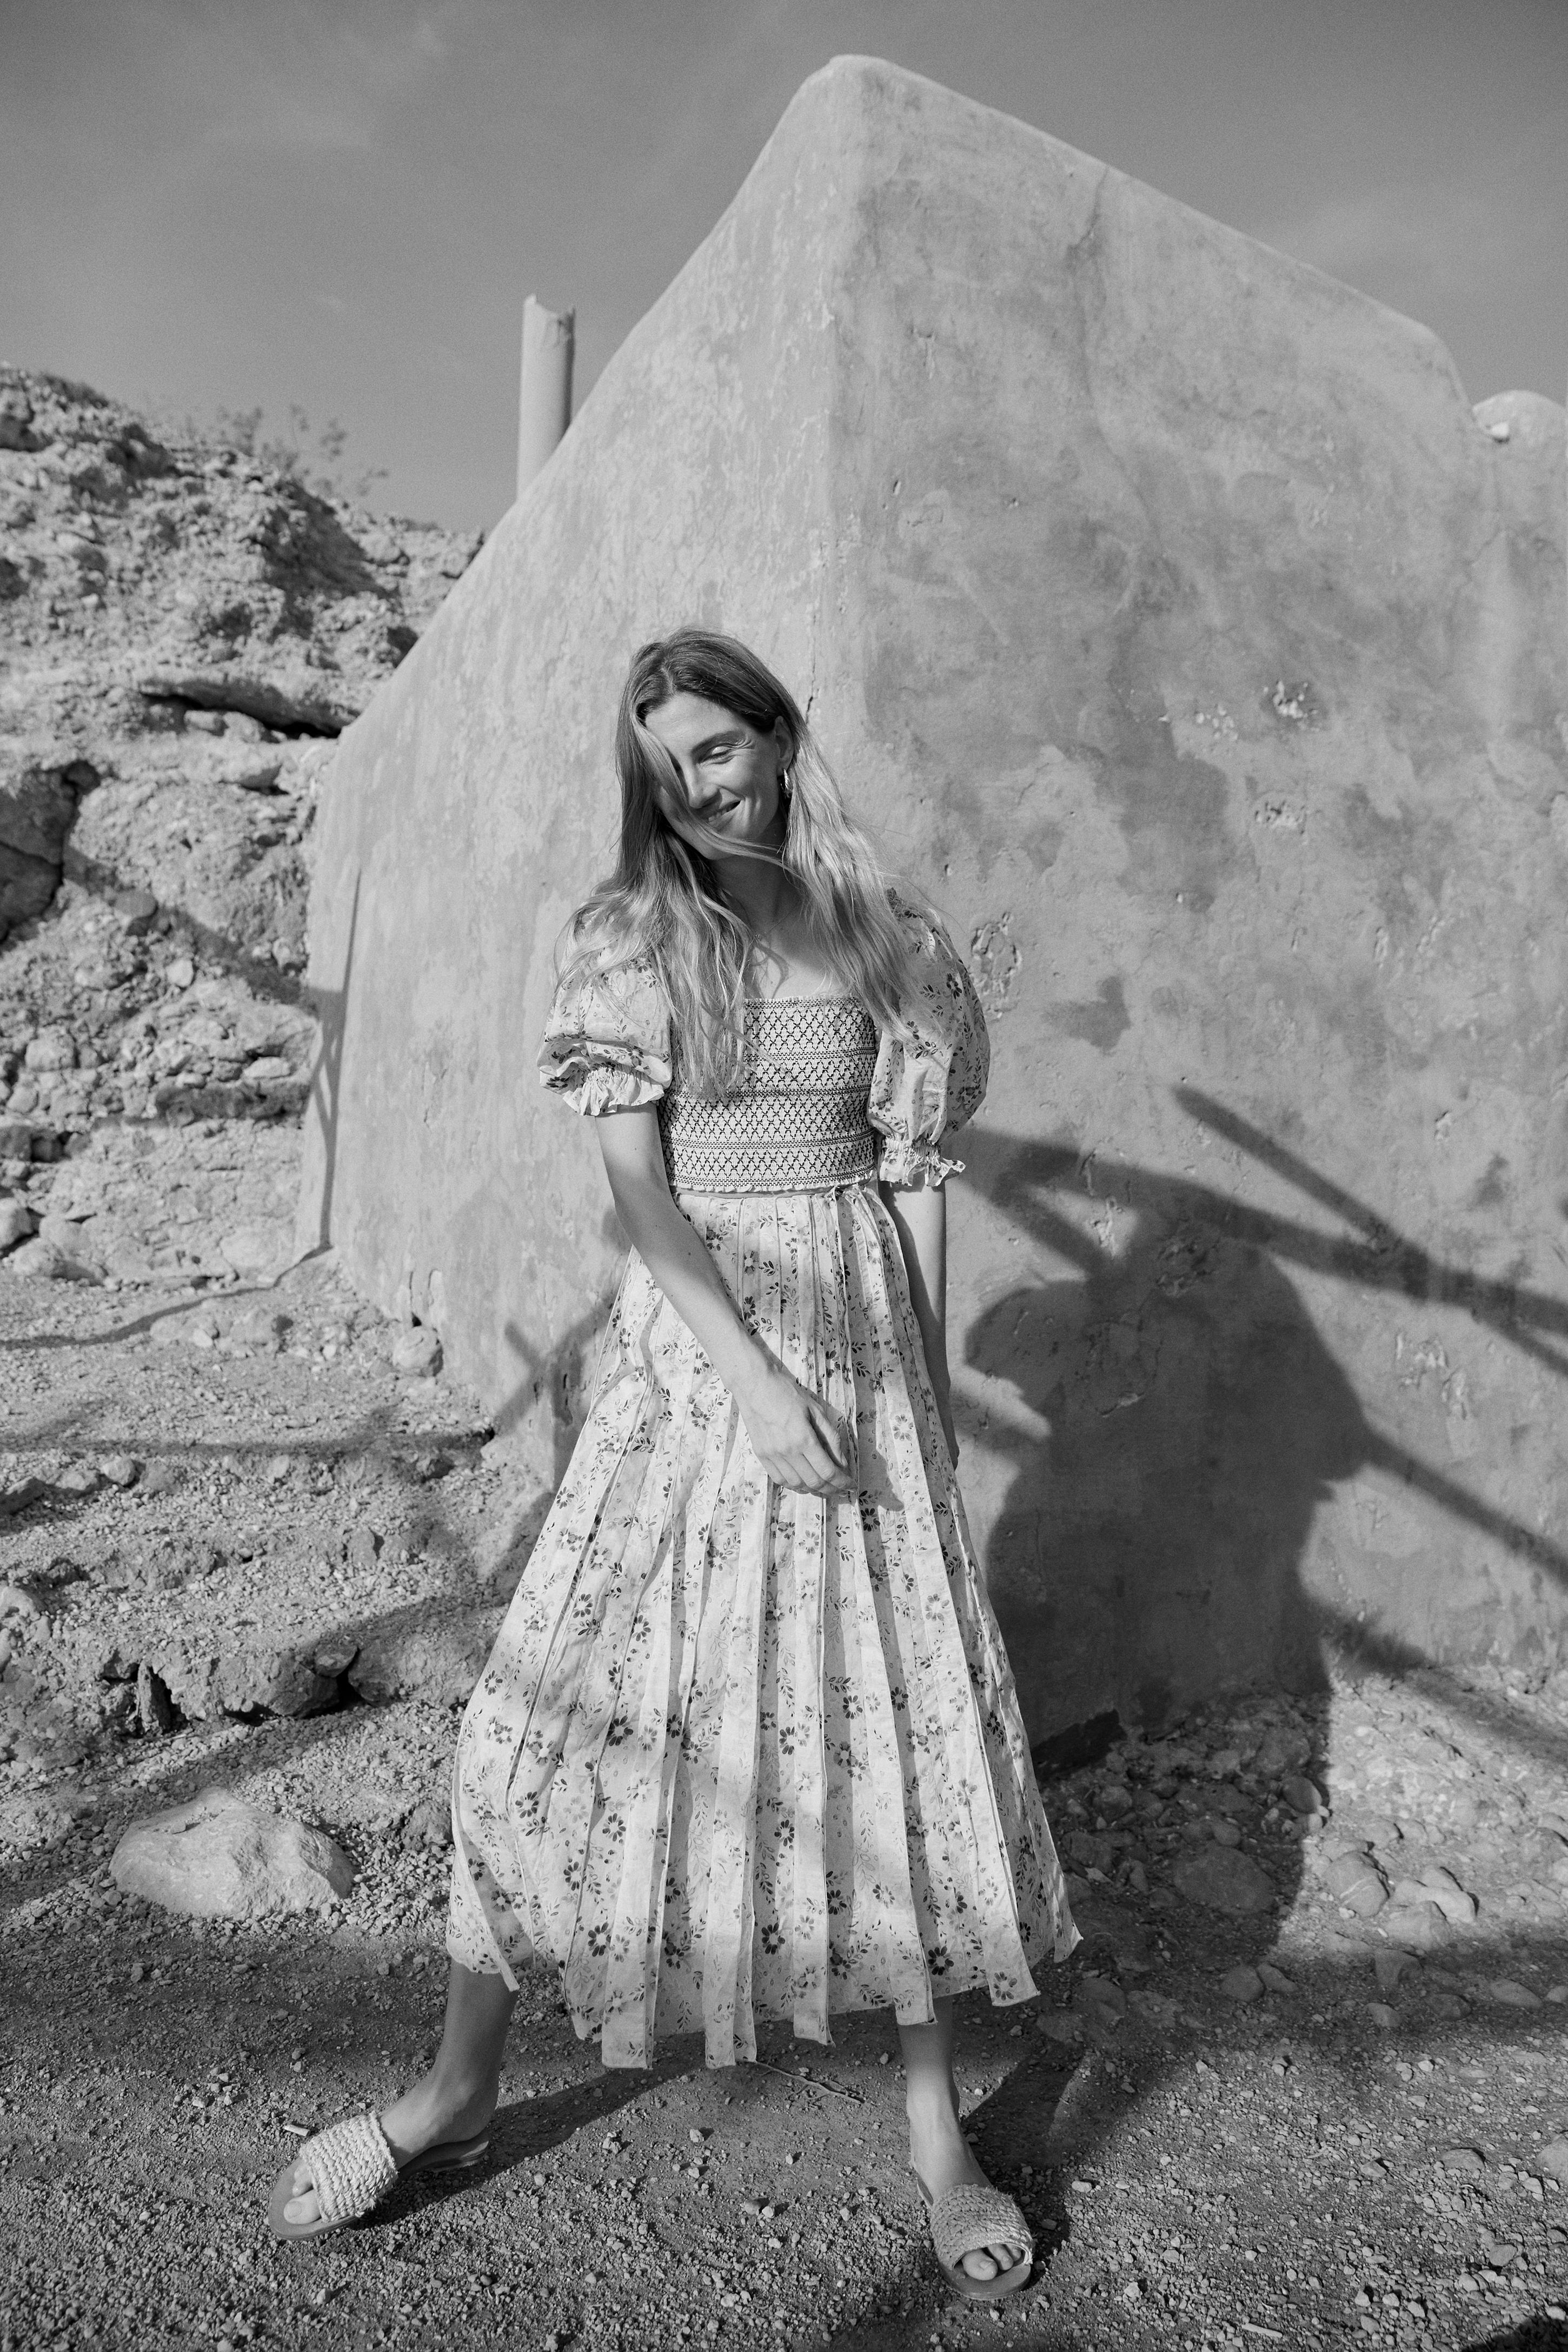 Vanessa | AJE | Vanessa Breuer shot by Ivana Martyn Zyznikow